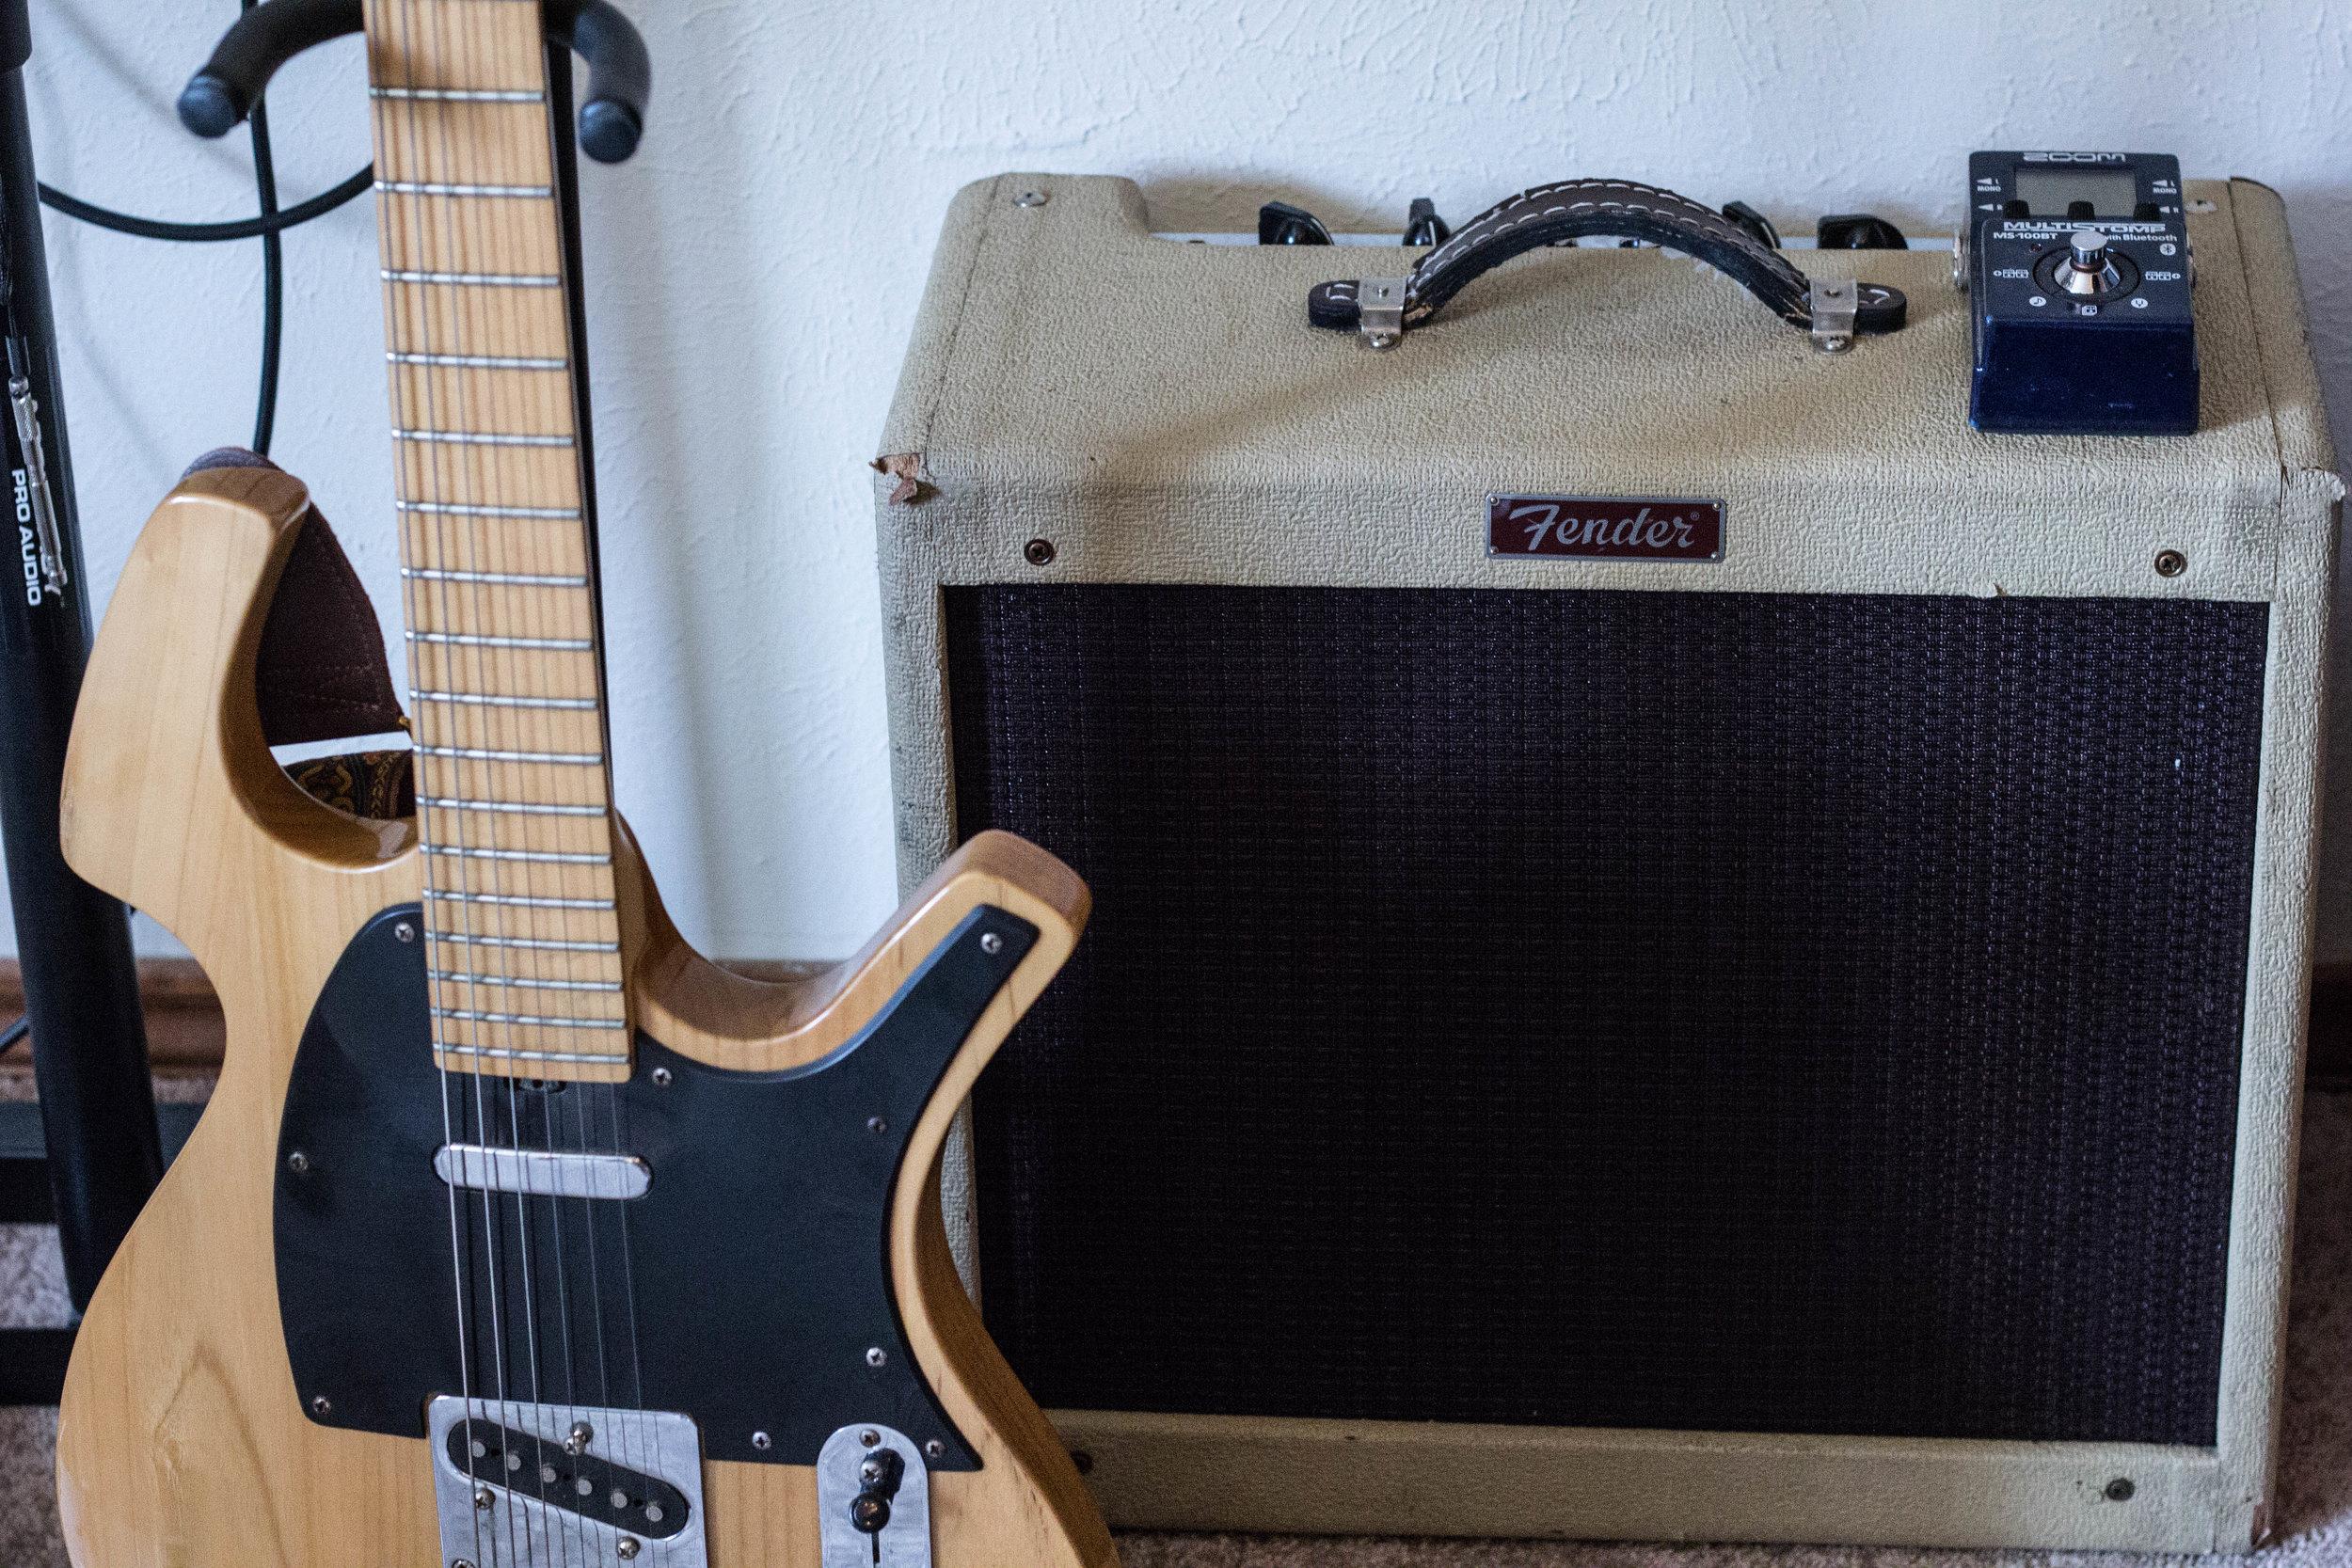 AMP -  Fender Blue Jr.   GUITAR - Parker Brand  PEDAL -  ZOOM Multistomp MS-100BT